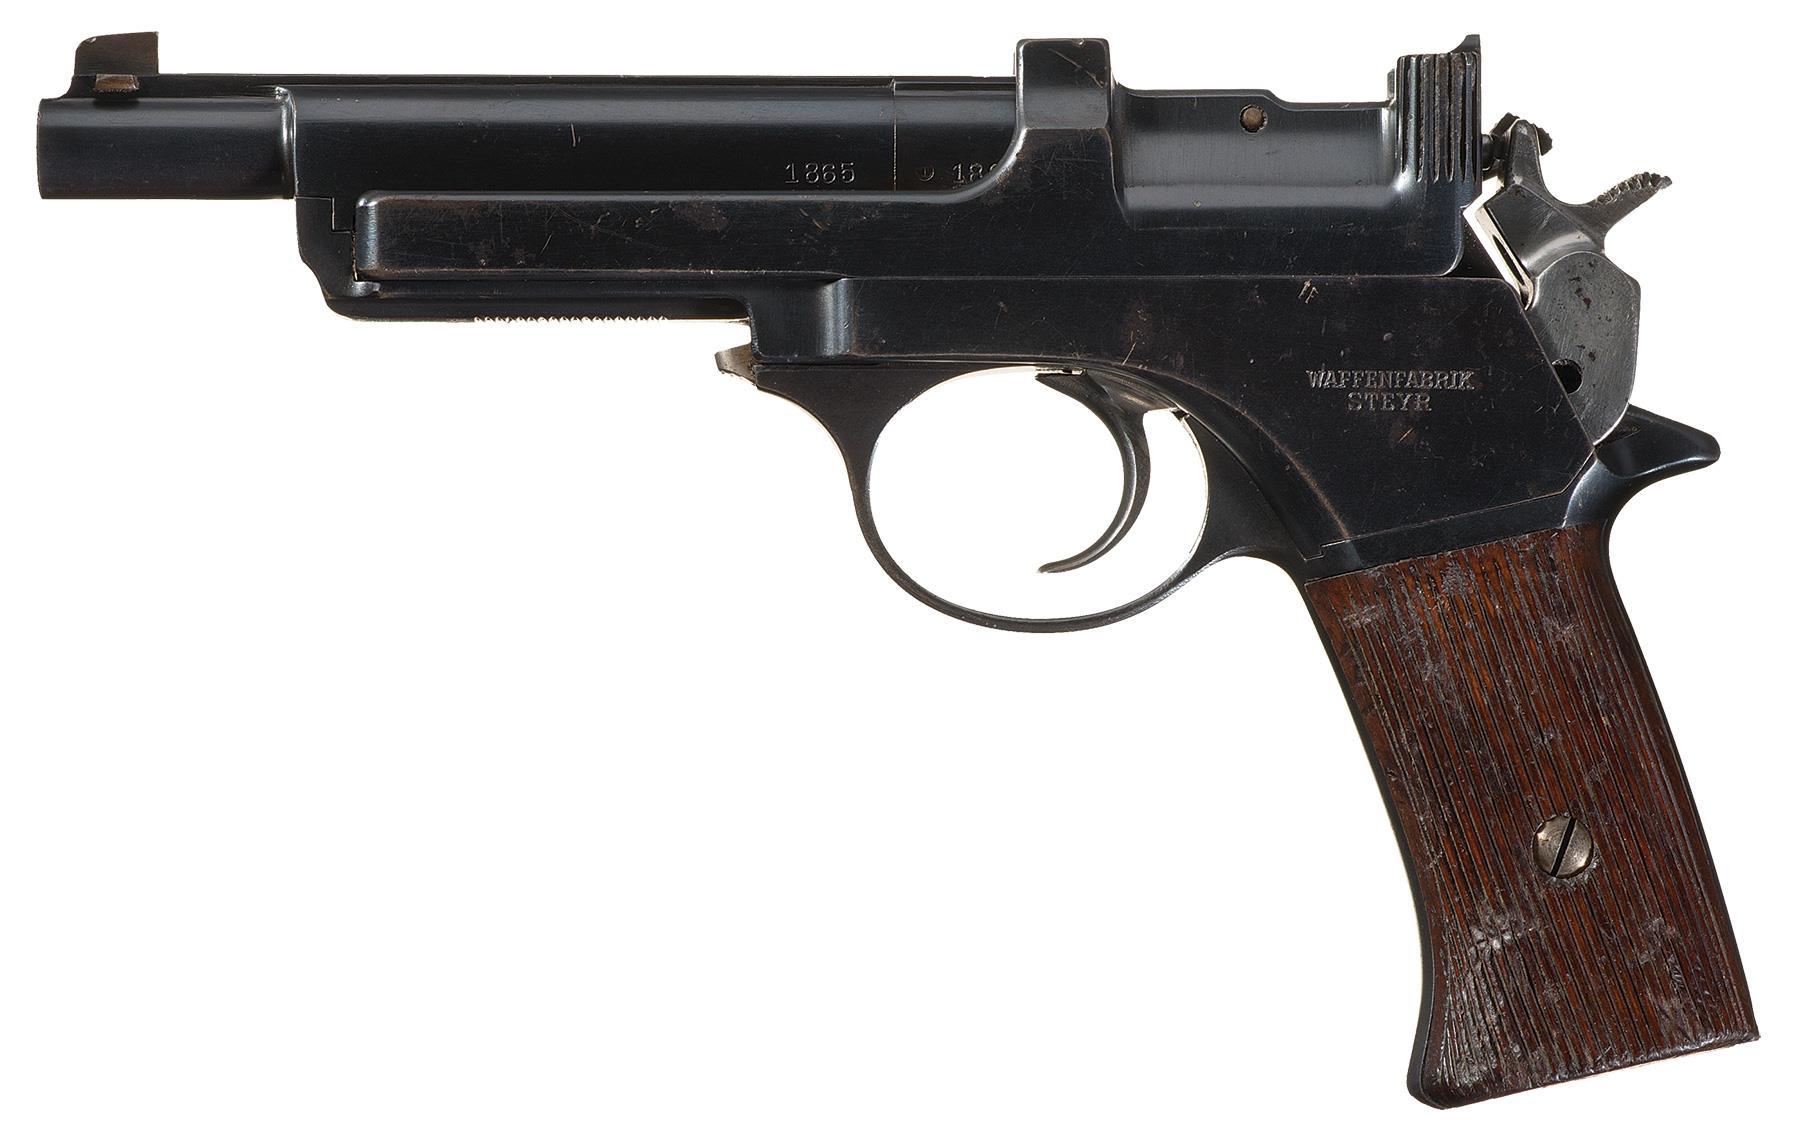 Steyr Mannlicher 'Short' Model 1905 Semi-Automatic Pistol